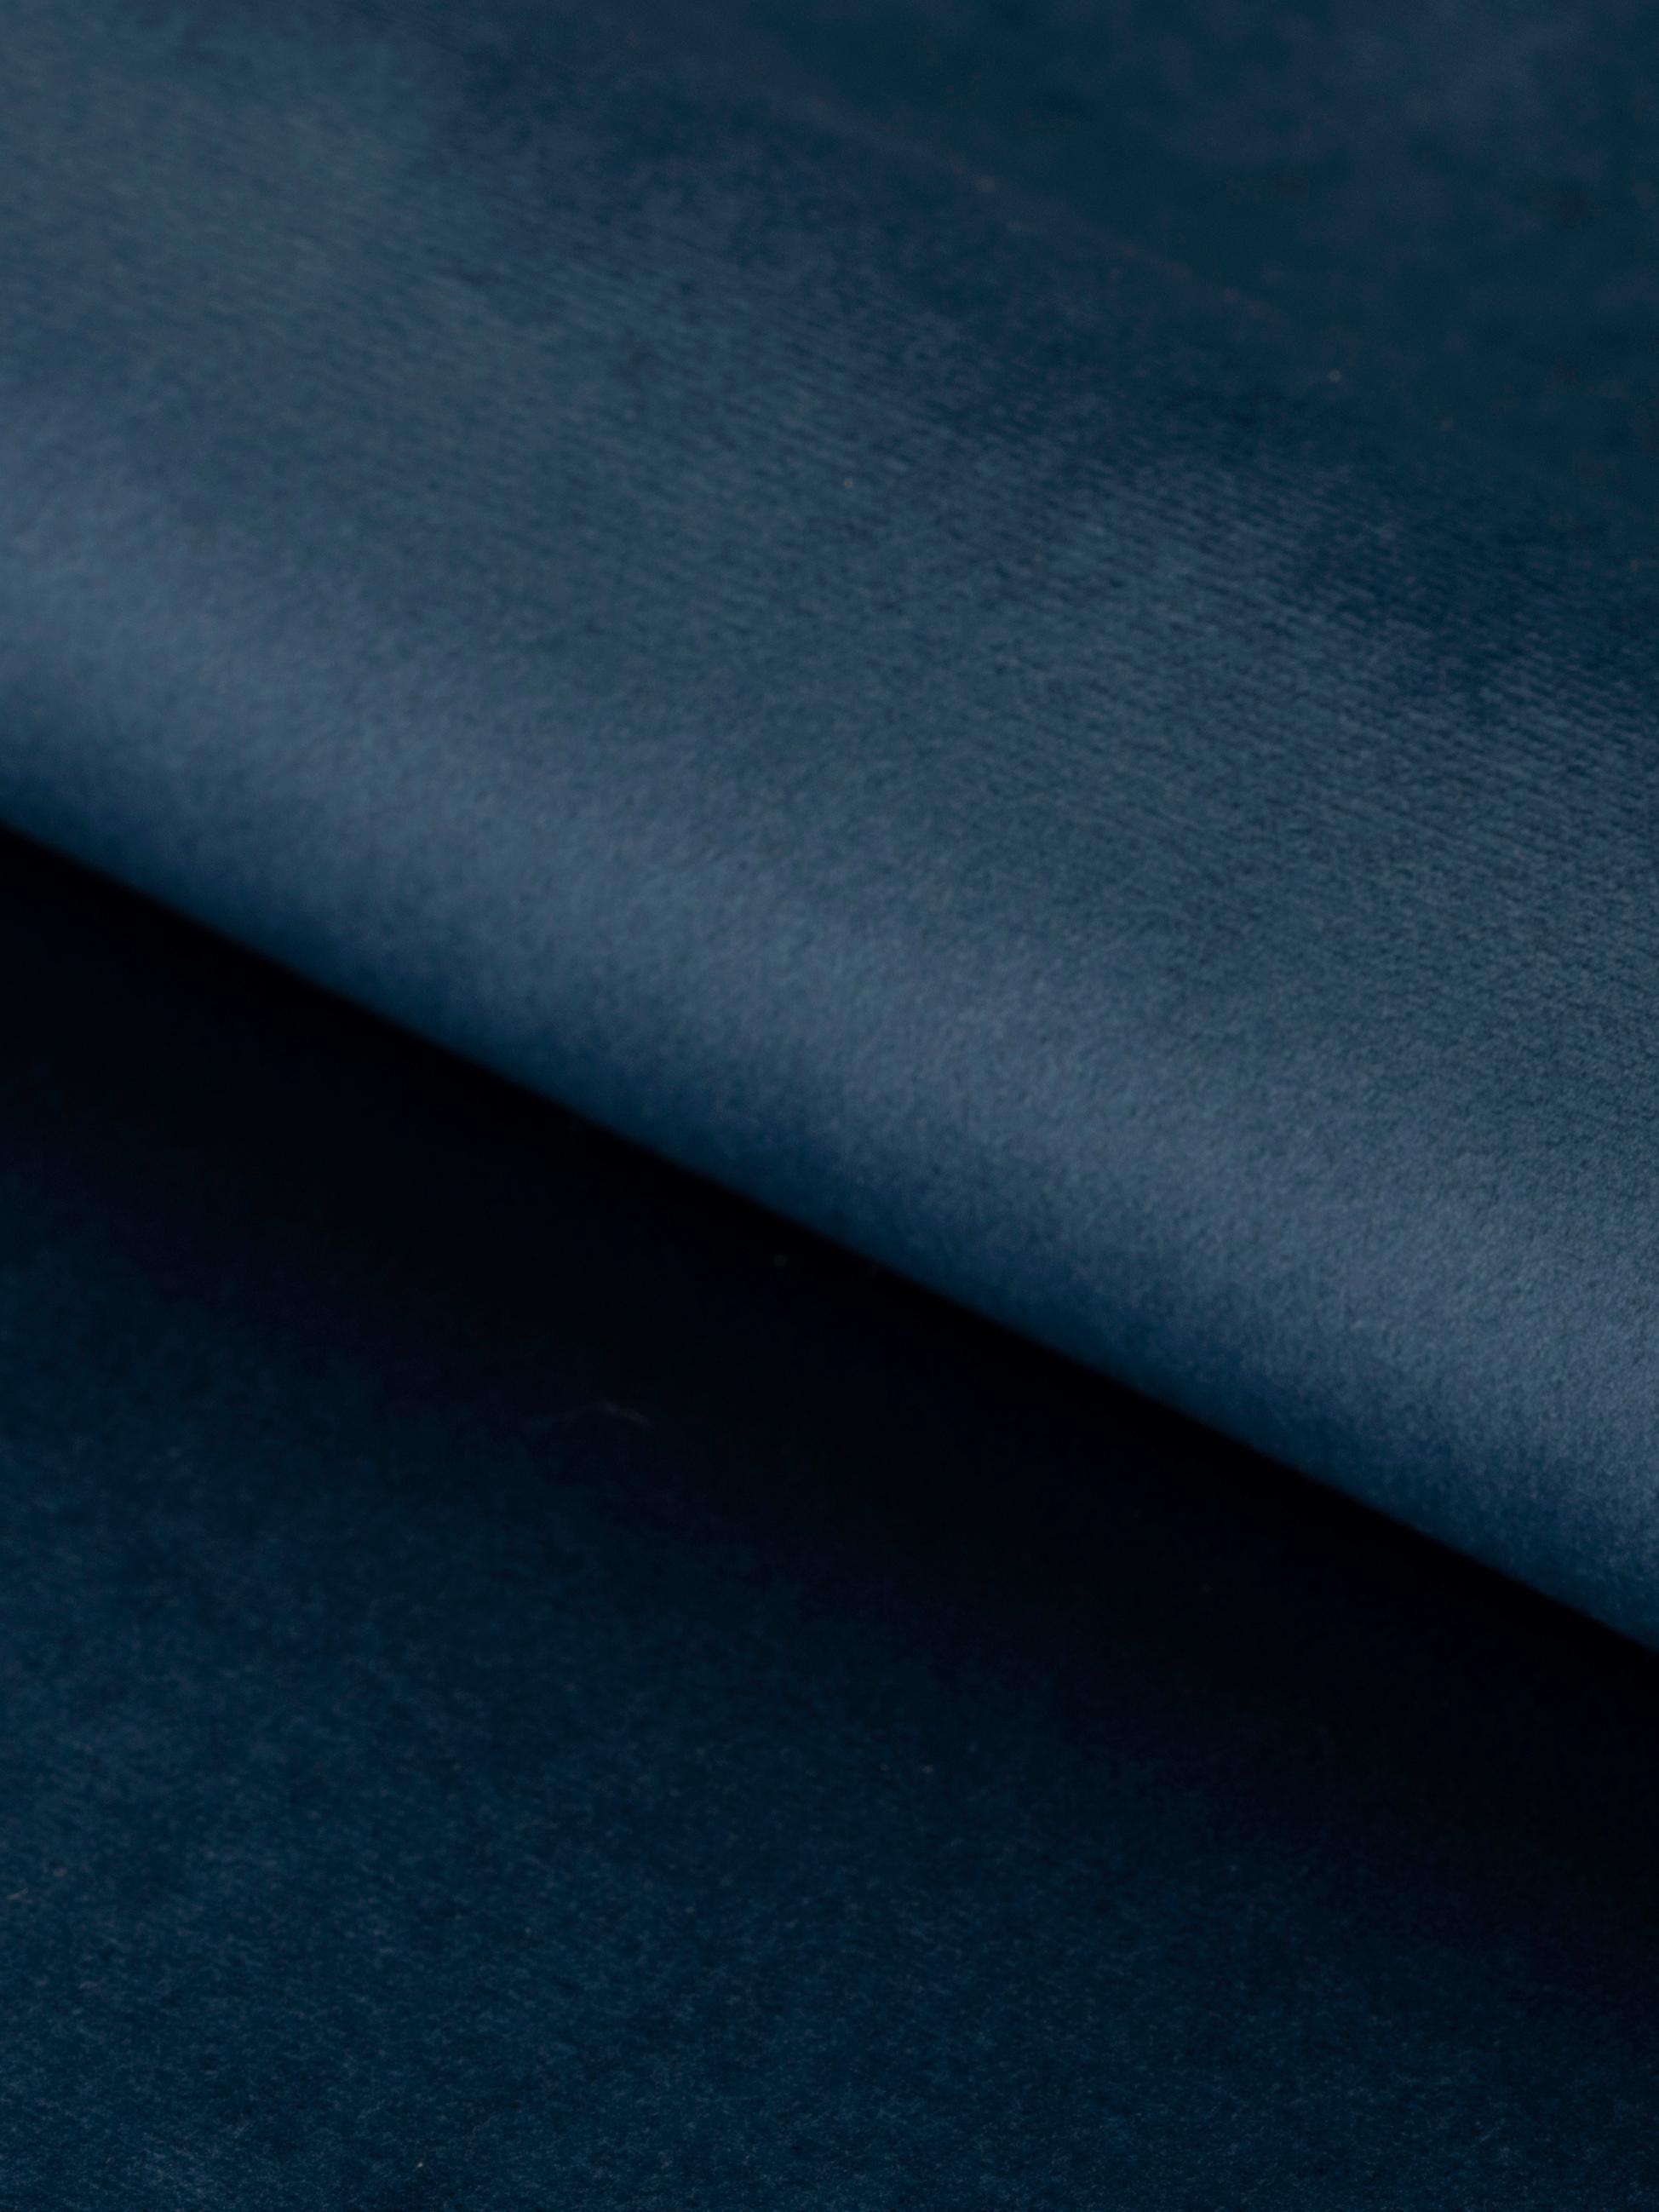 Drehbarer Samt-Armlehnstuhl Lucie, Bezug: Polyestersamt 25.000 Sche, Beine: Metall, pulverbeschichtet, Samt Dunkelblau, B 58 x T 62 cm